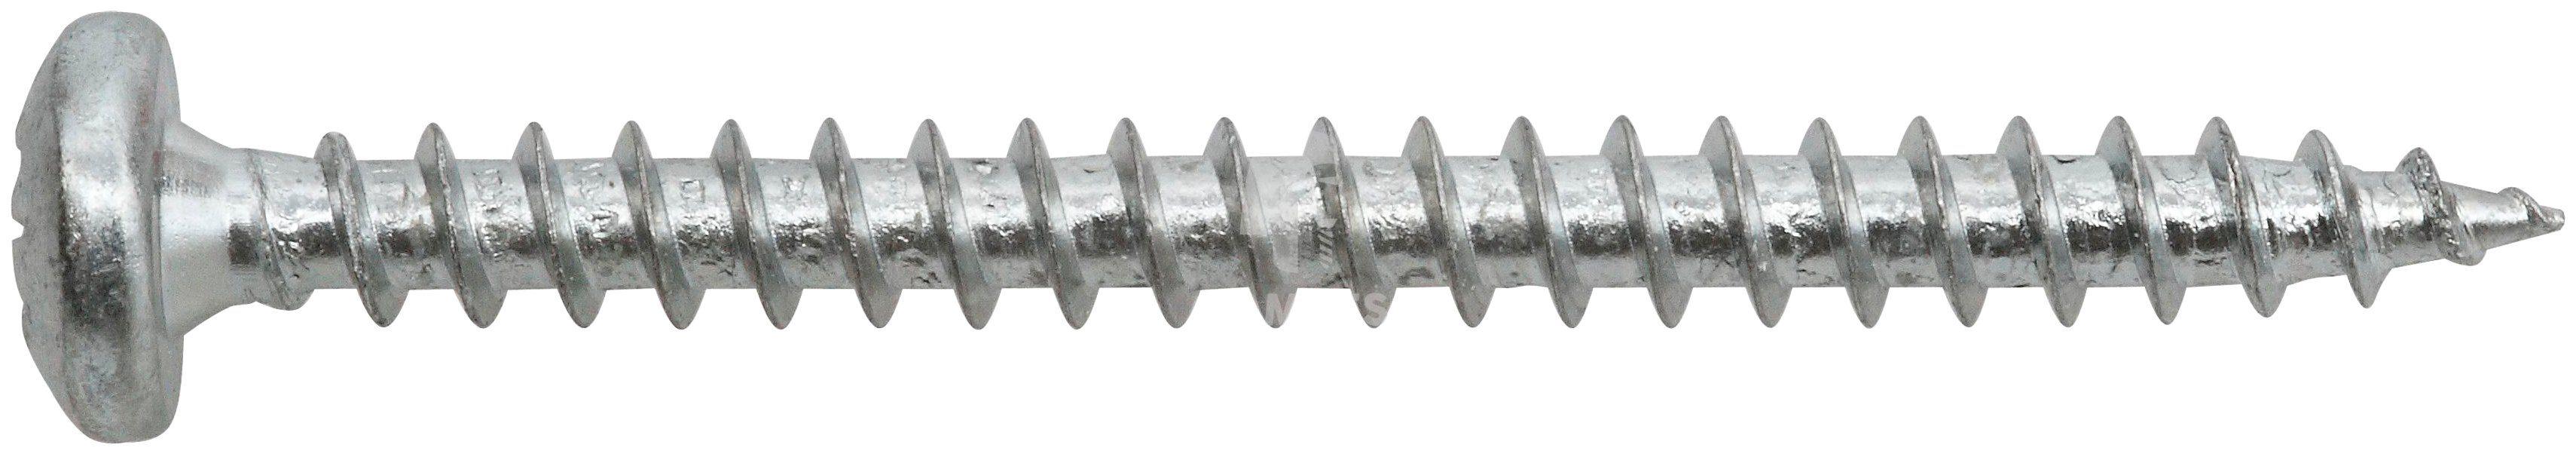 RAMSES Schrauben , Spanplattenschraube 5 x 60 mm PZ2 100 Stk.